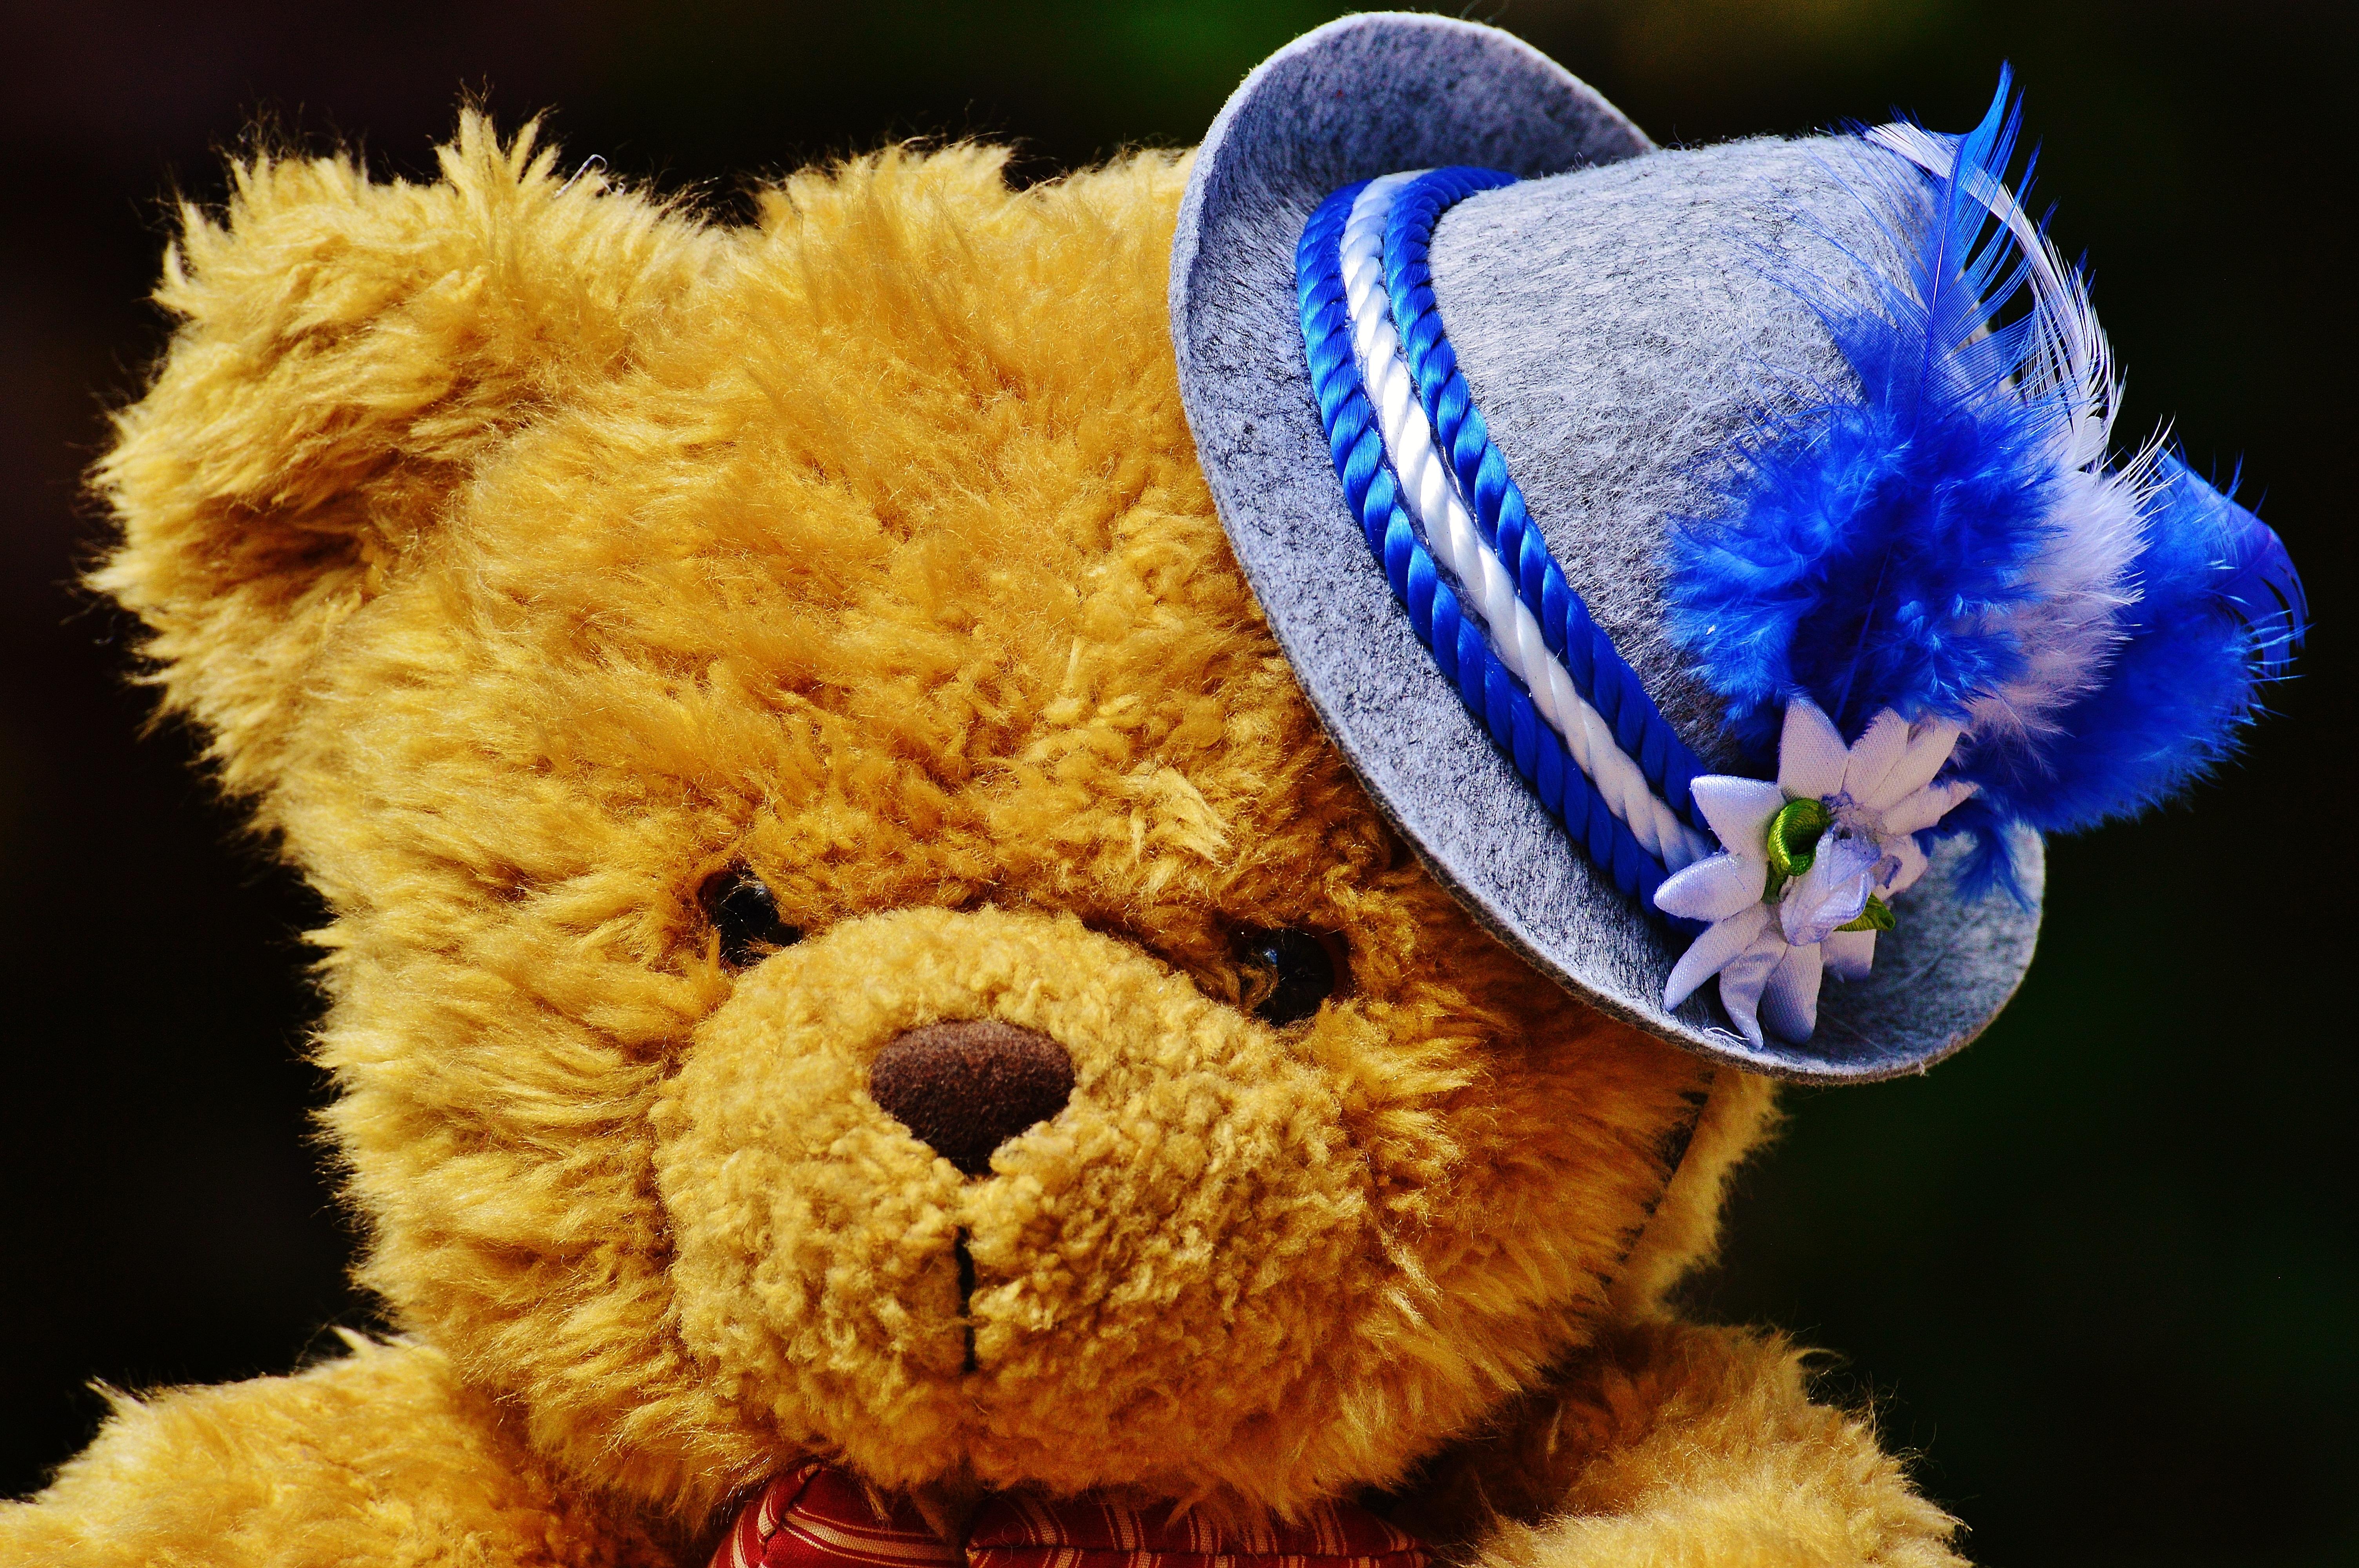 Kostenlose foto : Blume, niedlich, Hut, Spielzeug, Bier, Teddybär ...